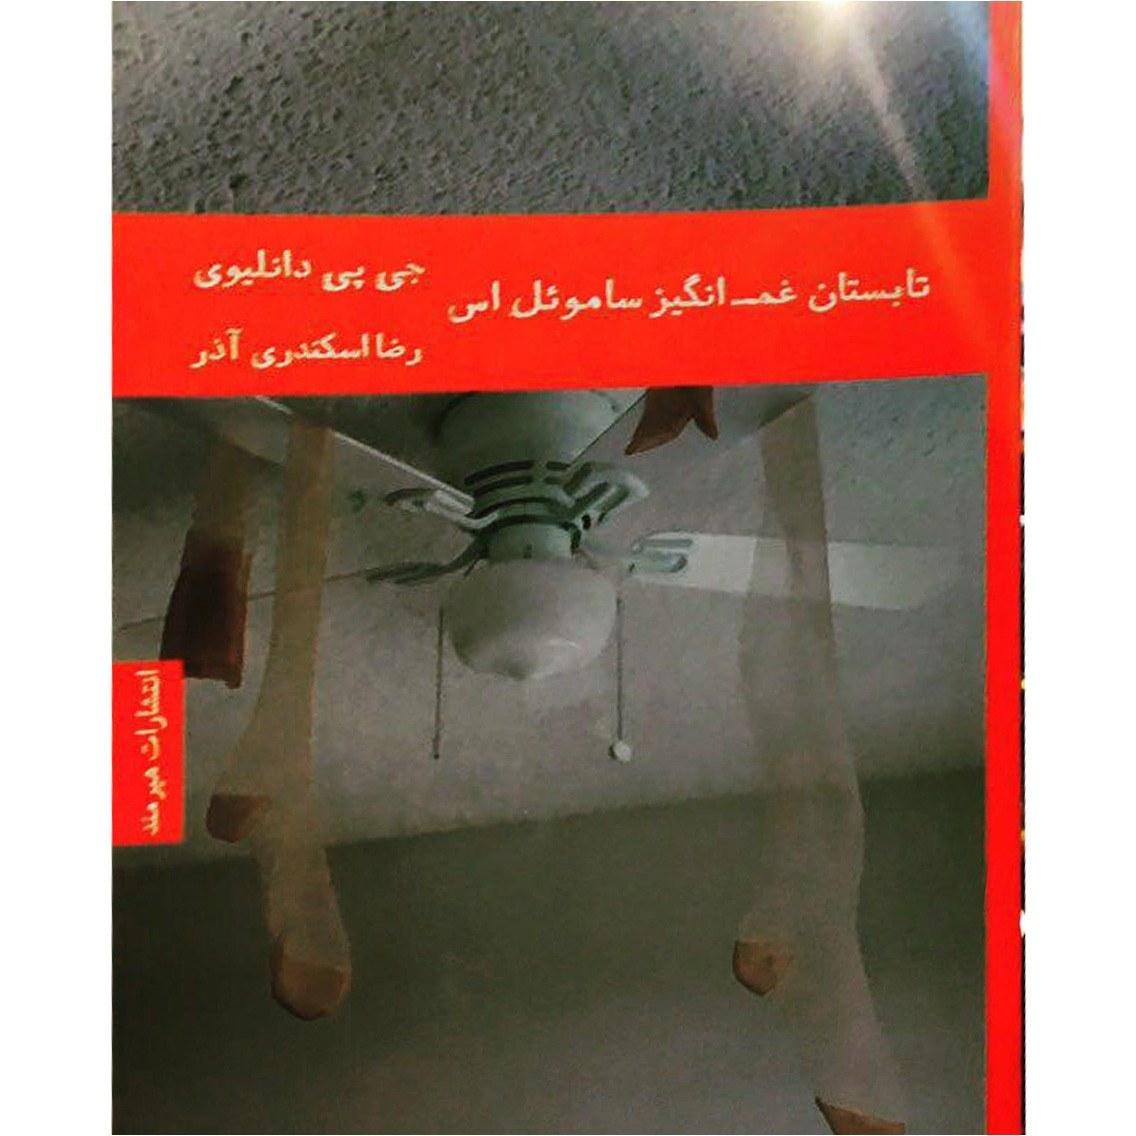 کتاب تابستان غم انگیز ساموئل اس اثر جی.پی دانلیوی